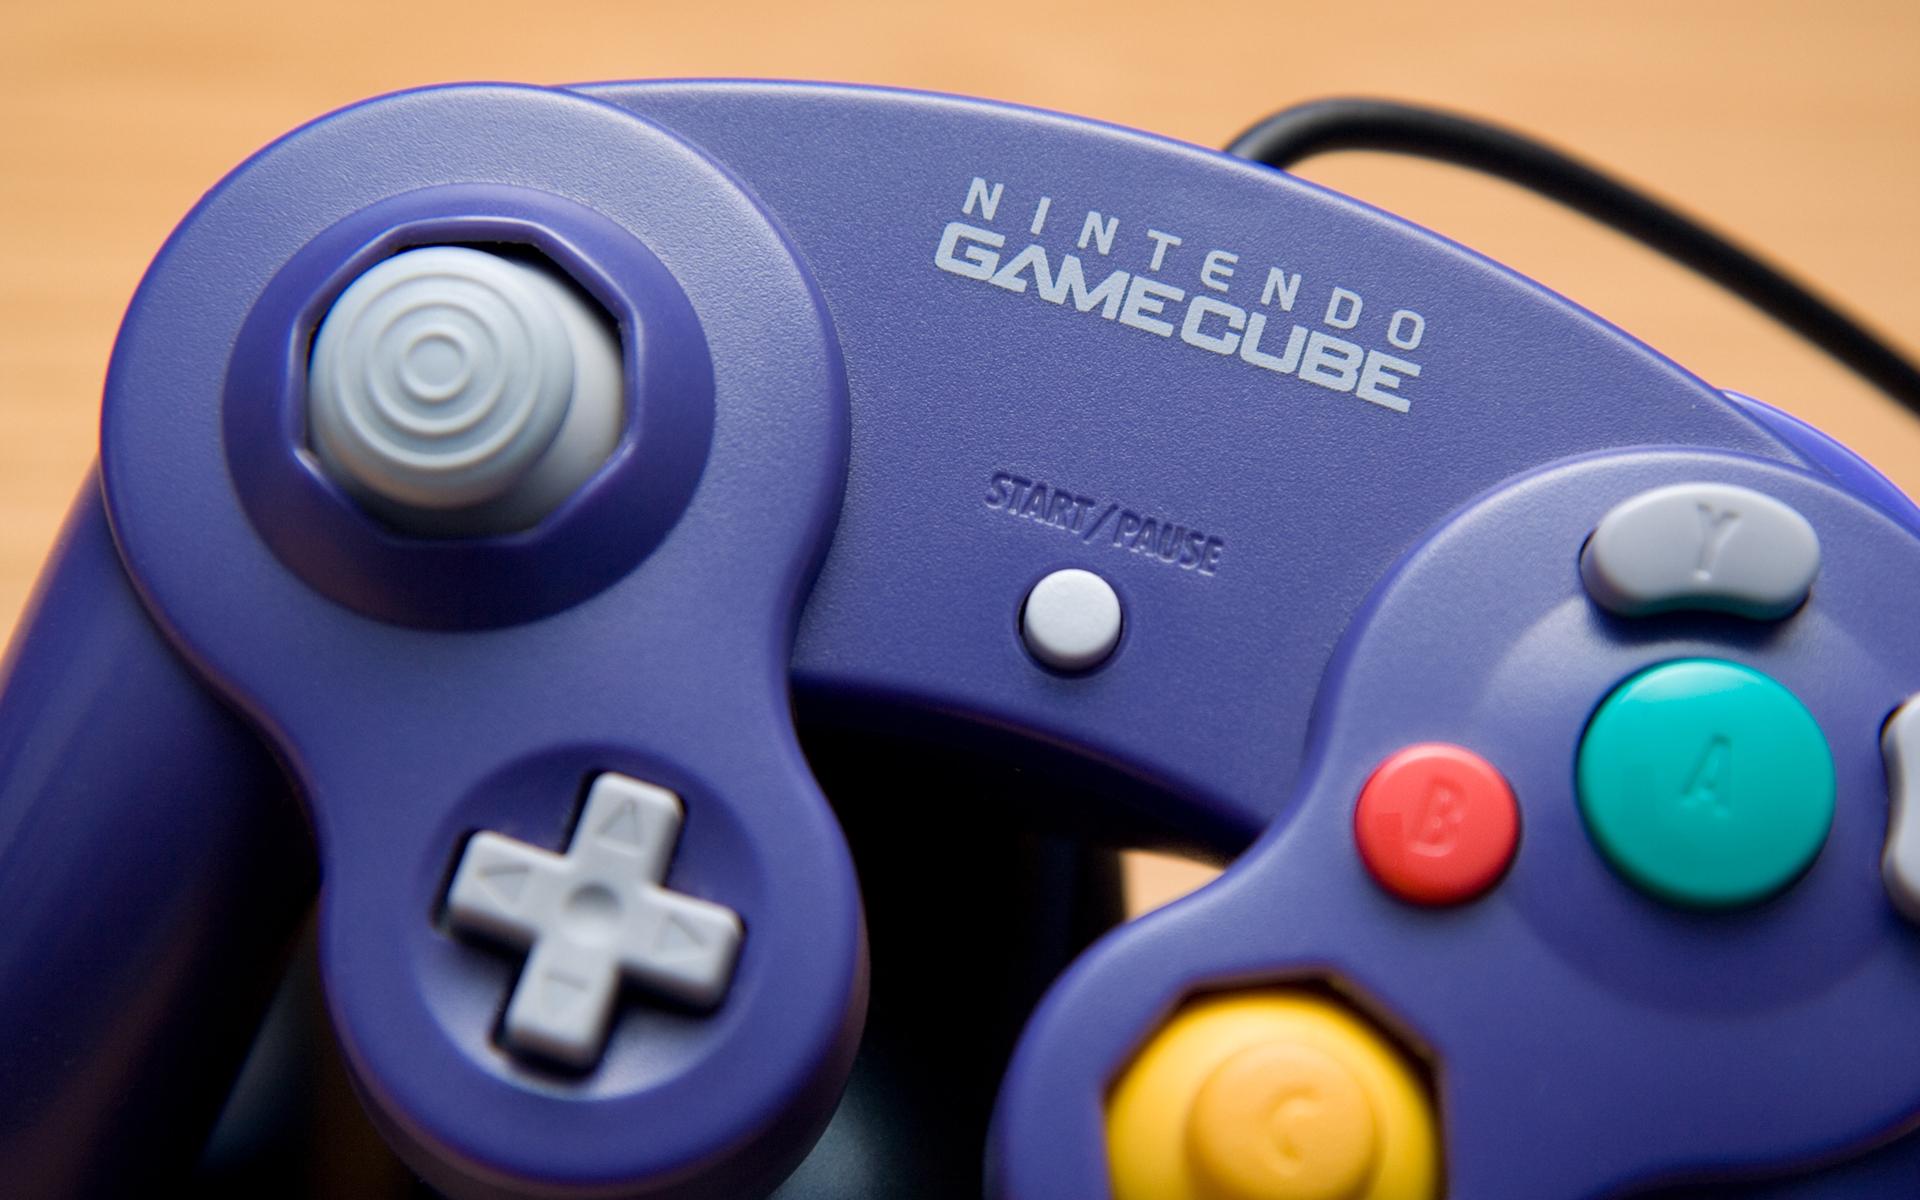 Gamecube Widescreen by mrk on DeviantArt